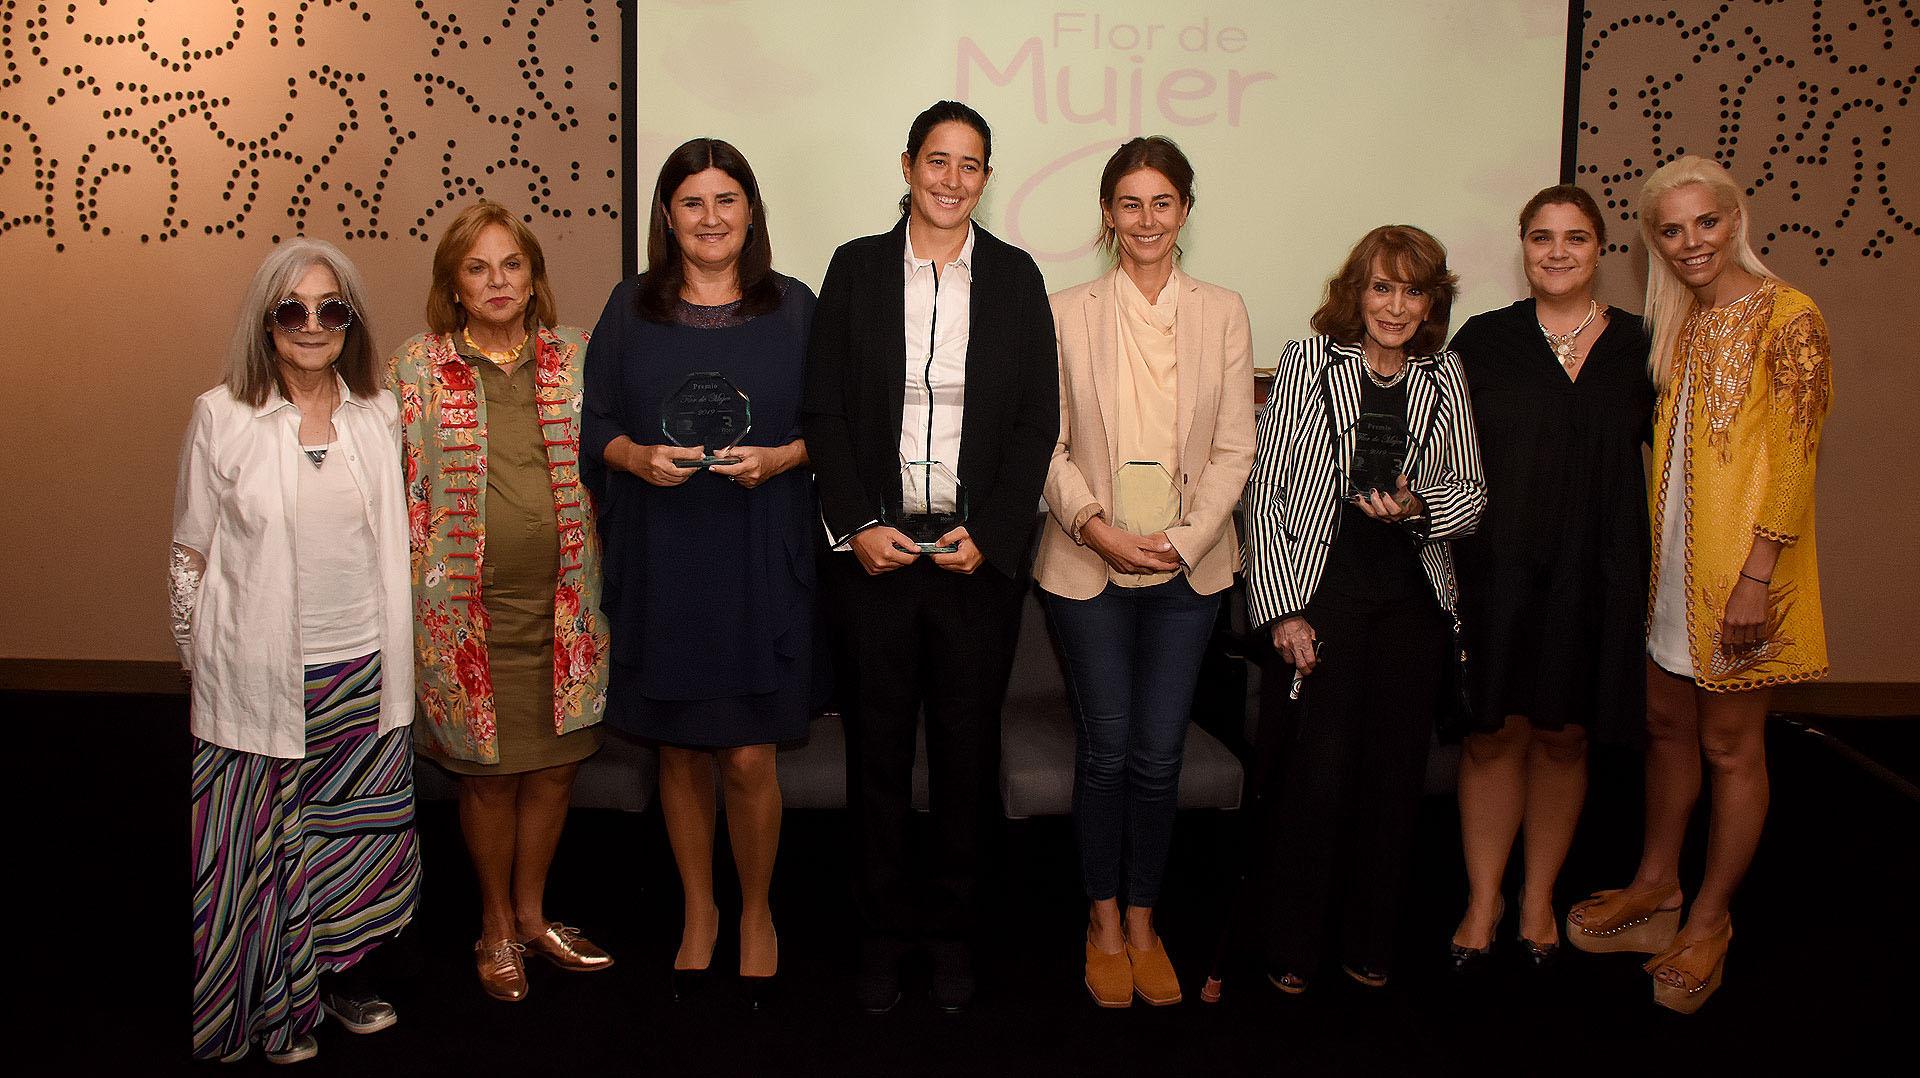 Esta es la sexta edición del Premio Flor de Mujer que distingue aquellas personalidades que su motivación es la solidaridad y de esta manera buscan contribuir en la construcción de un país mejor